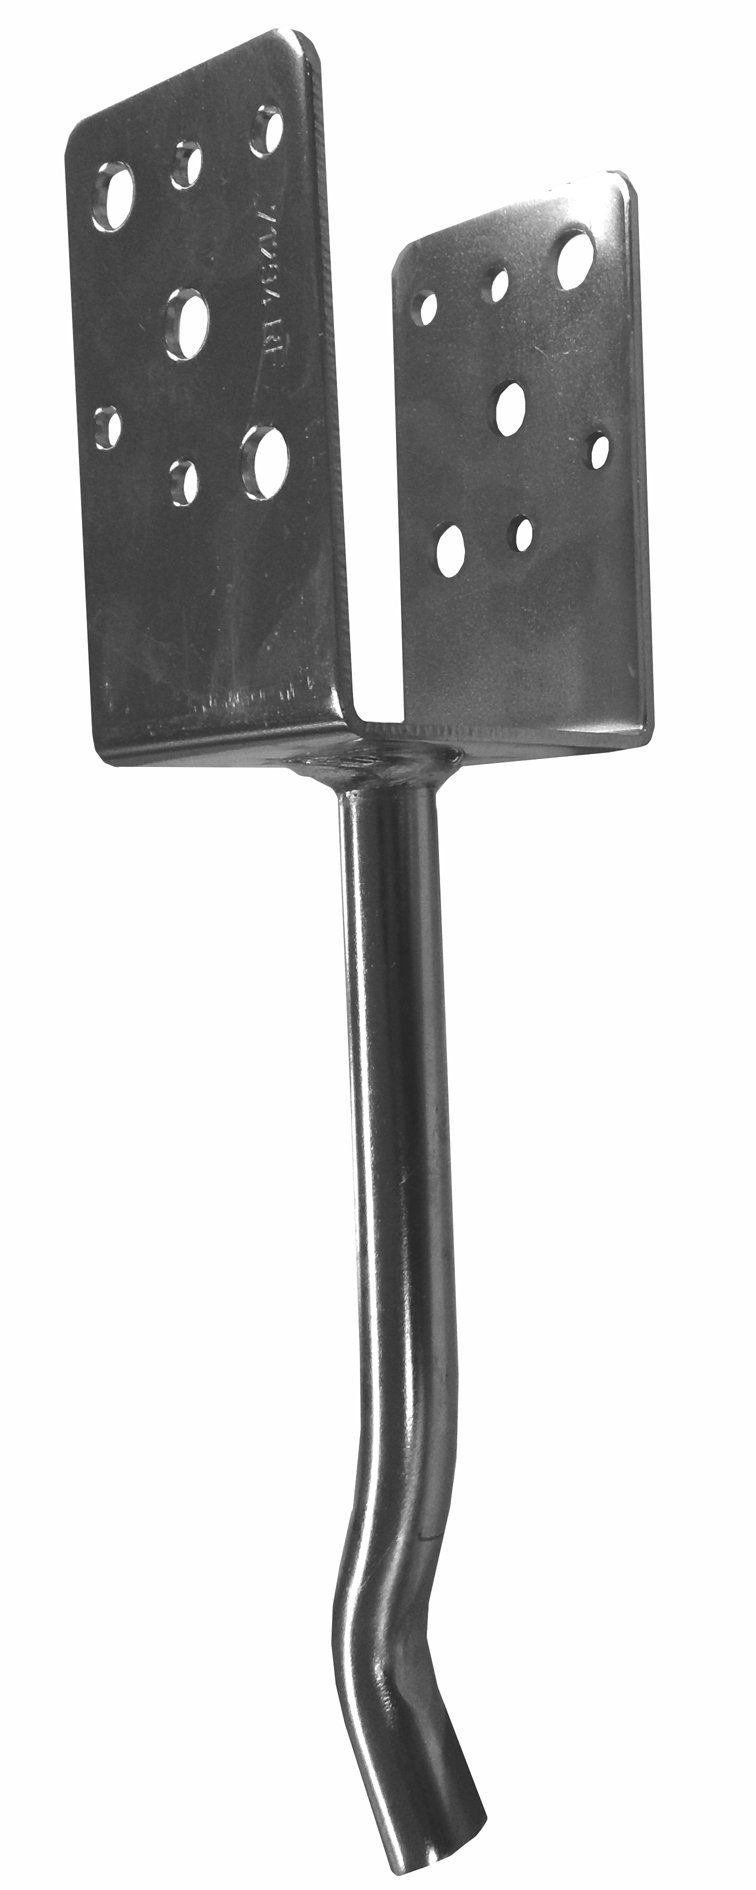 CONNEX HVR4205 71 x 110 x 65mm U-Shape Post Support Shoe